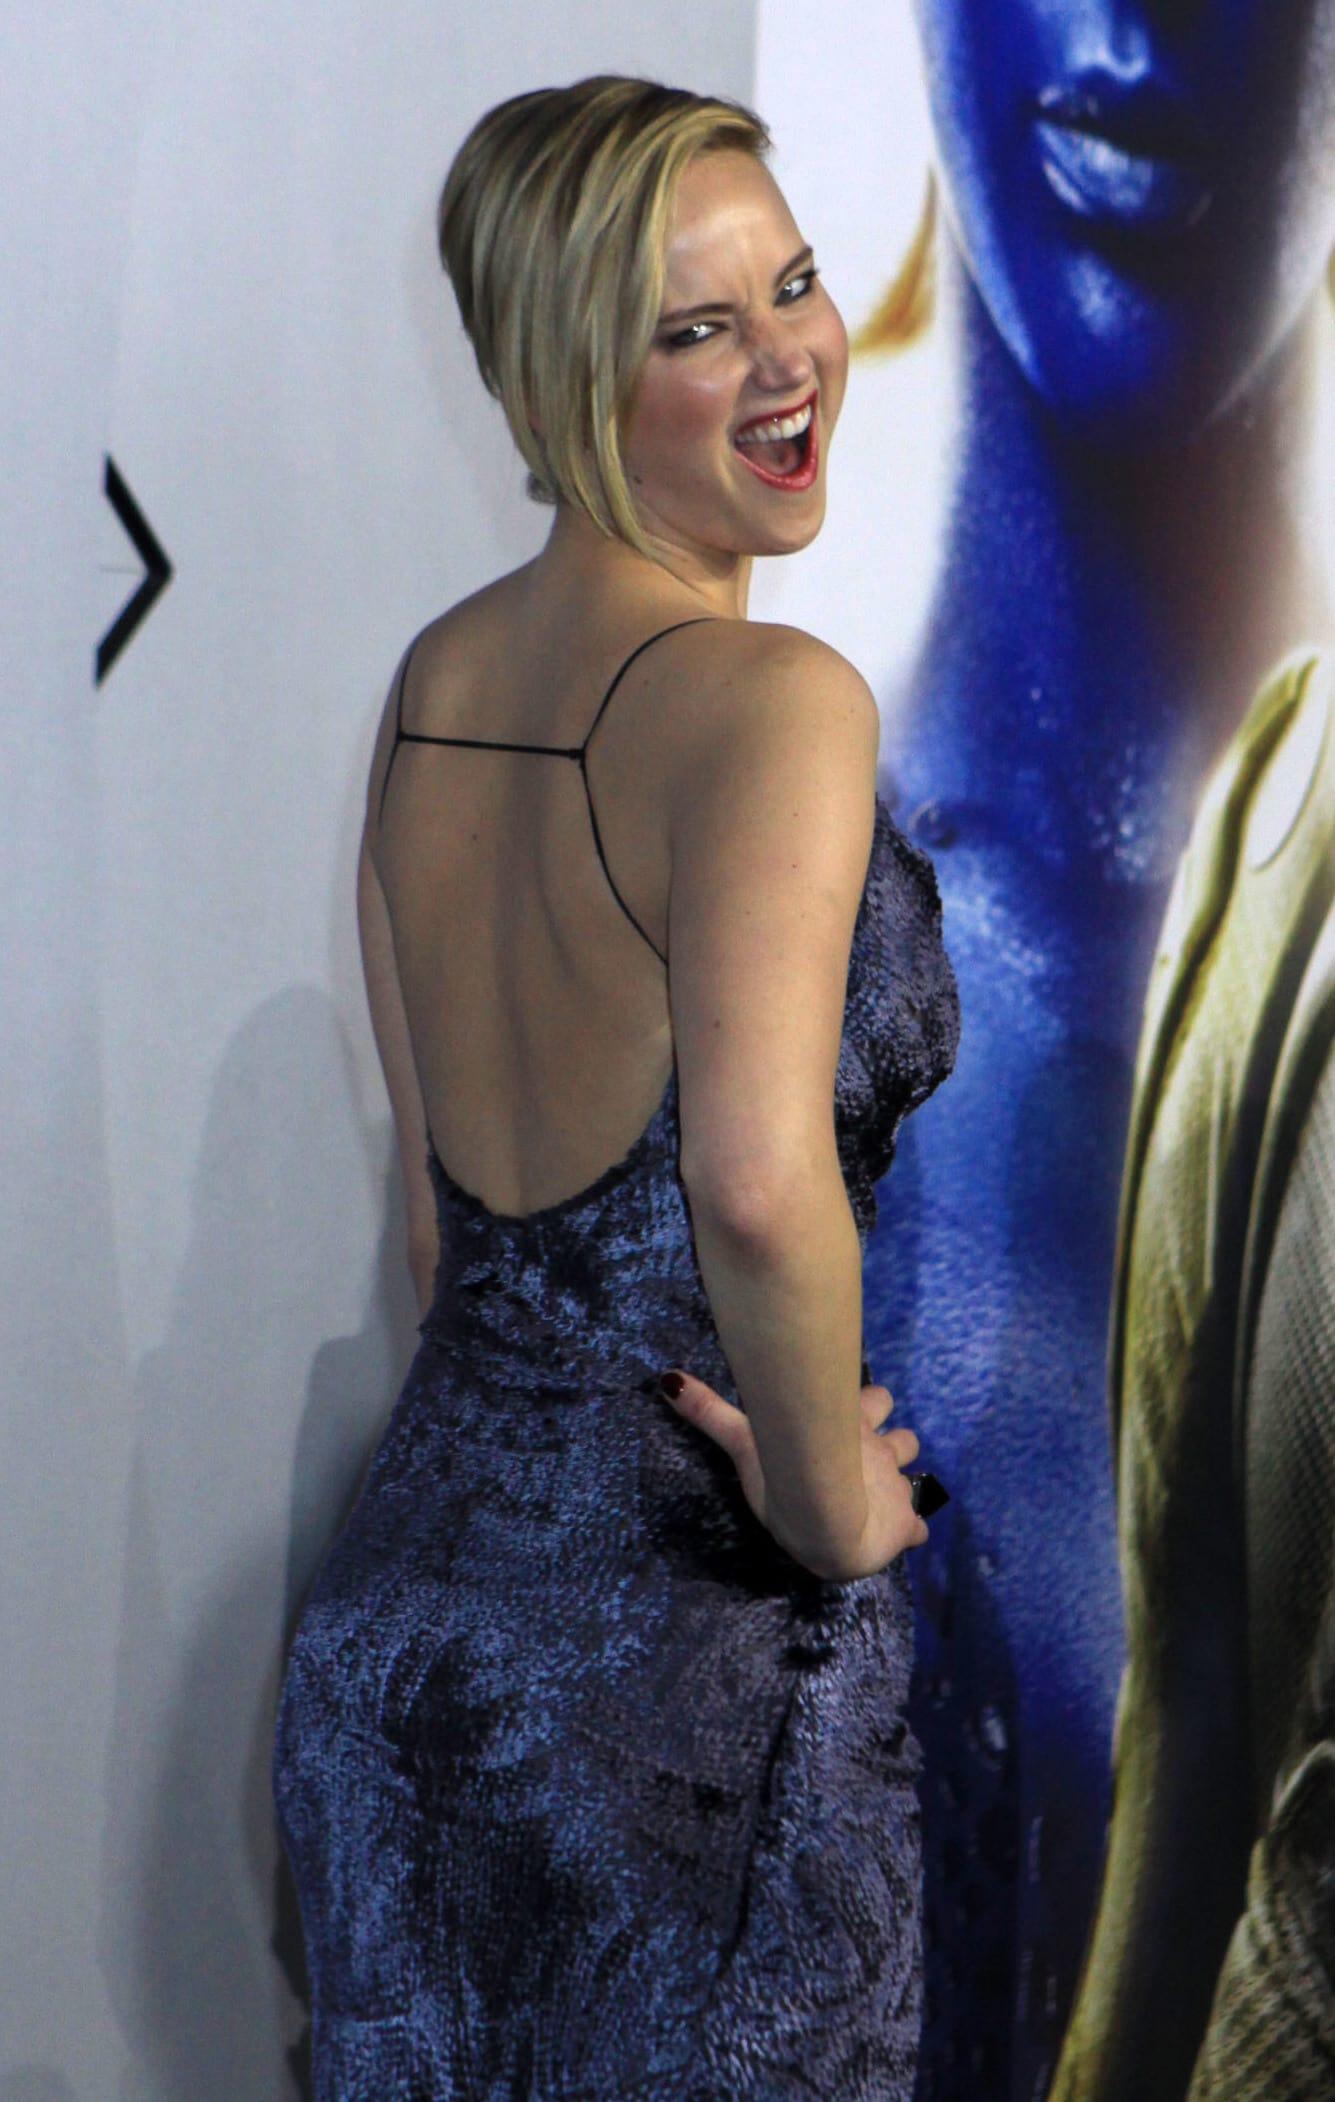 Jennifer Lawrence Passengers Sex photo 22